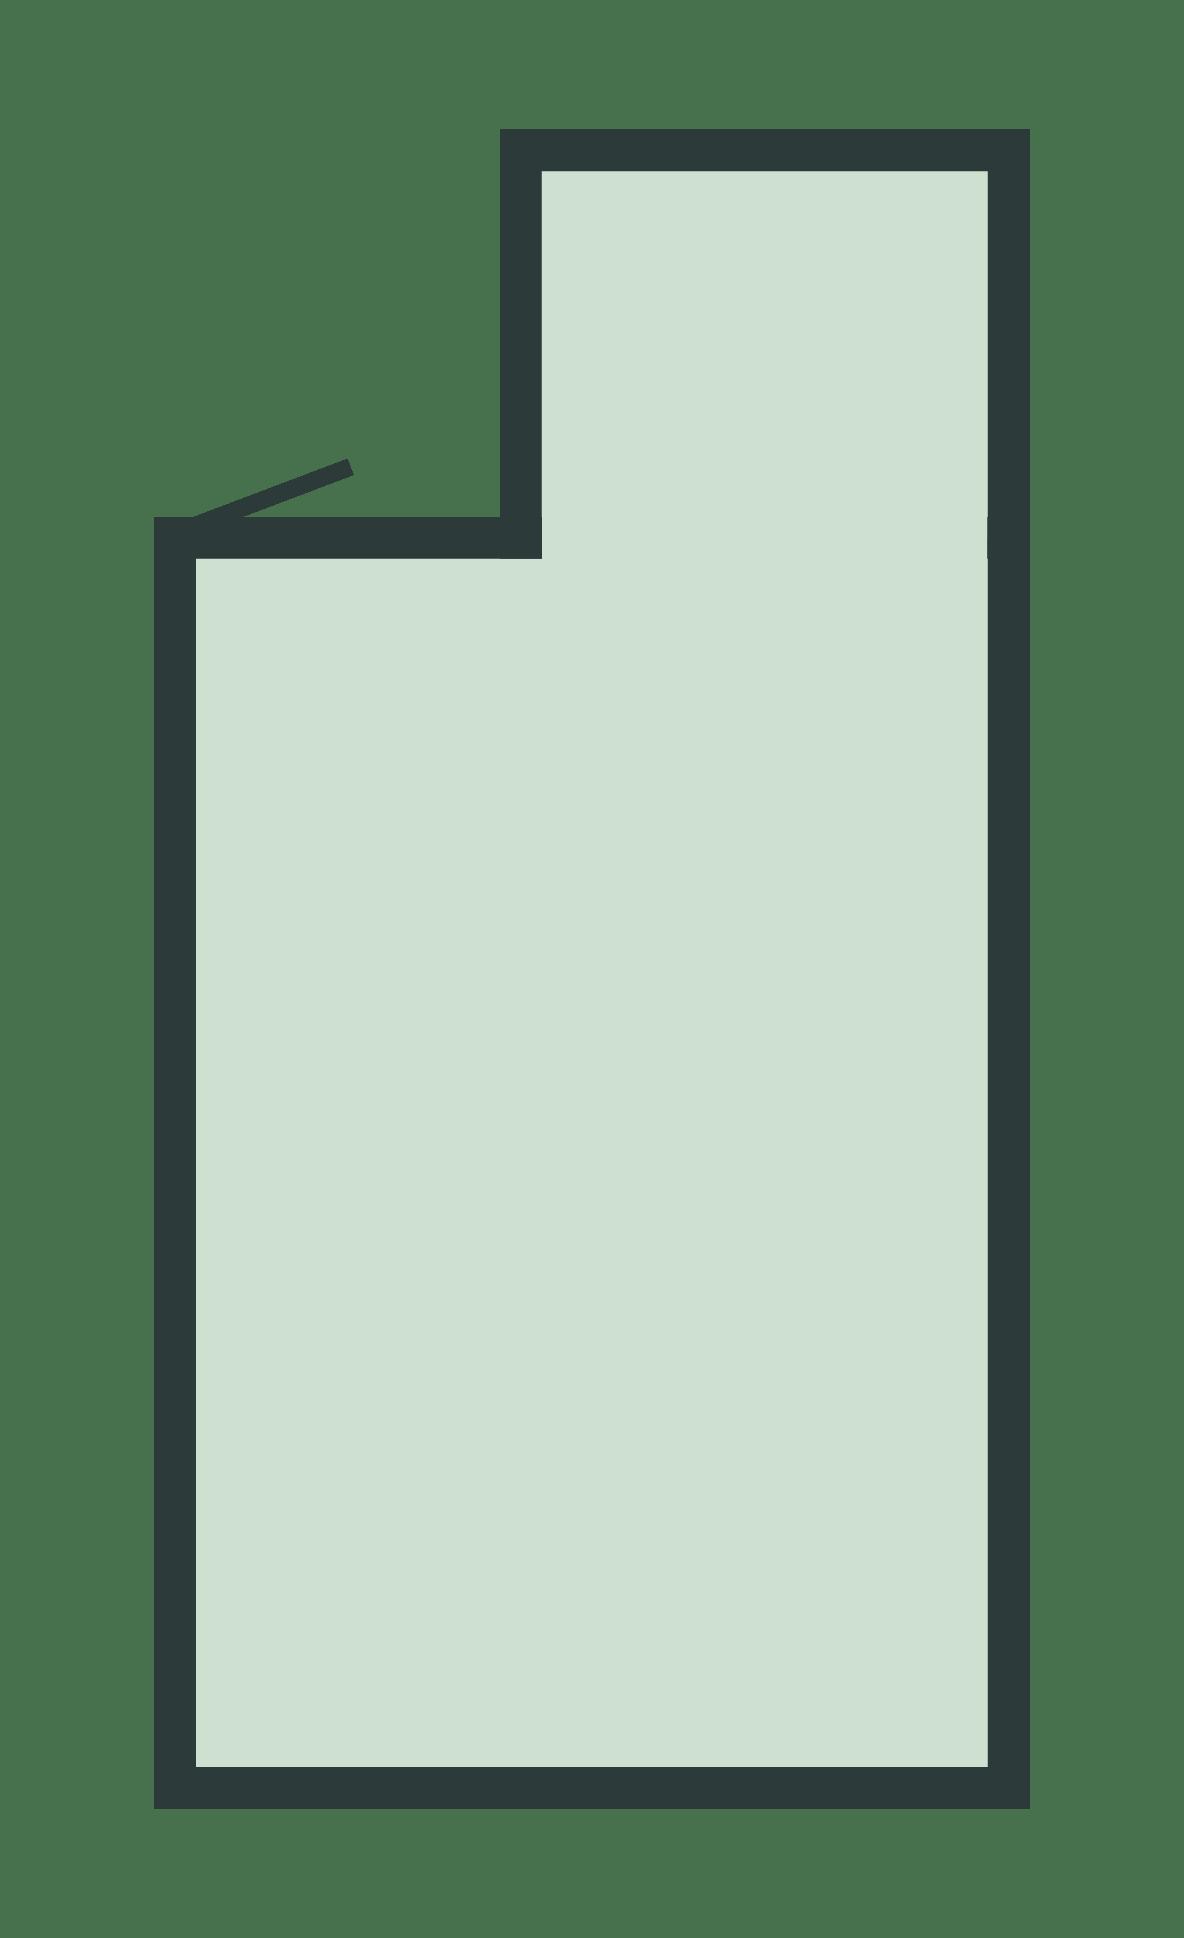 Uitbouw-schematisch